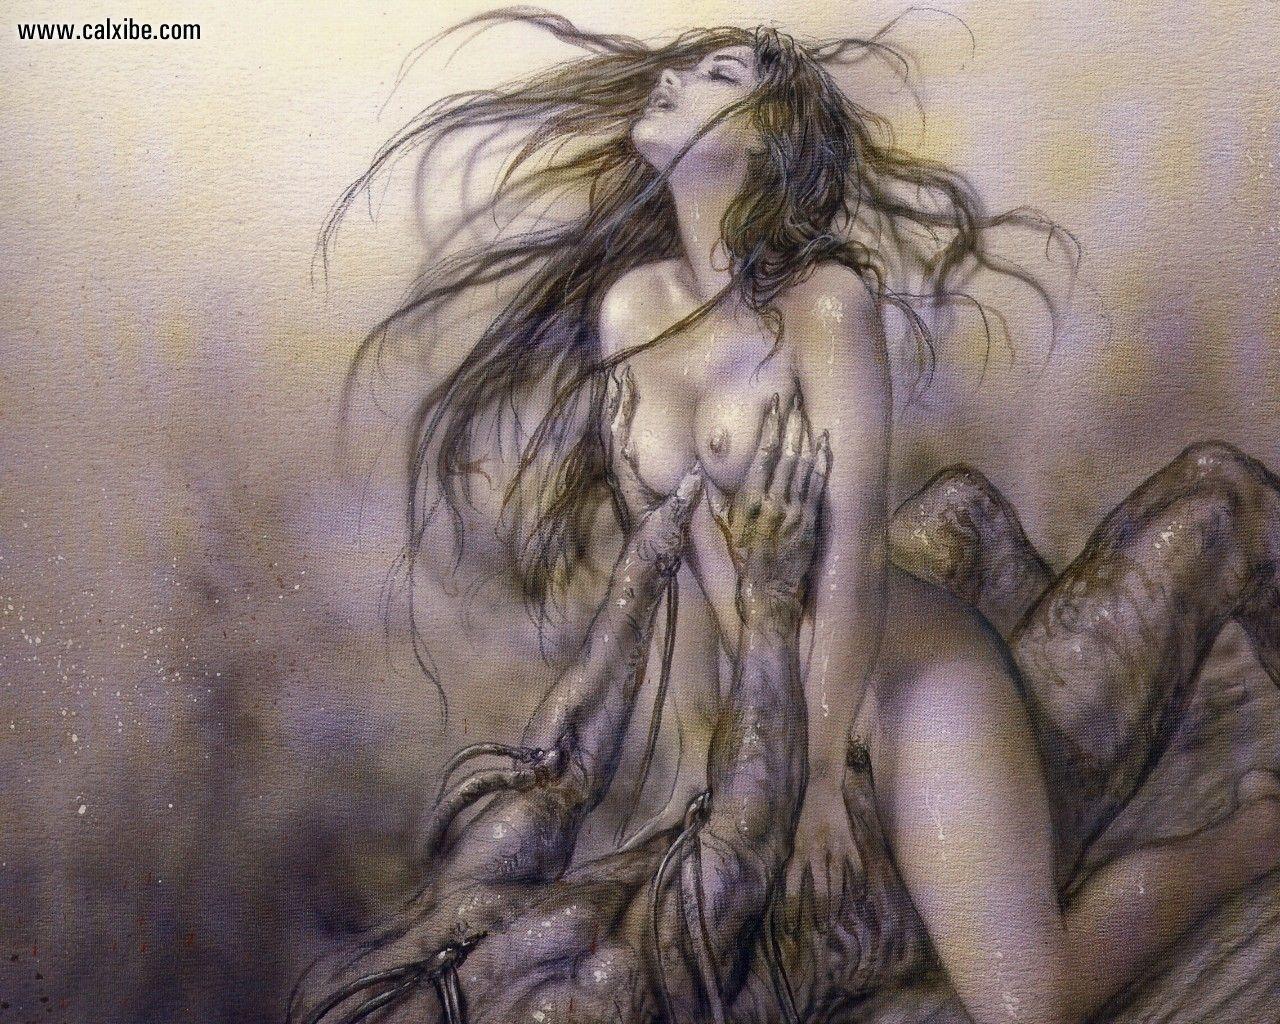 Erotic fantasy art 2 louis royo